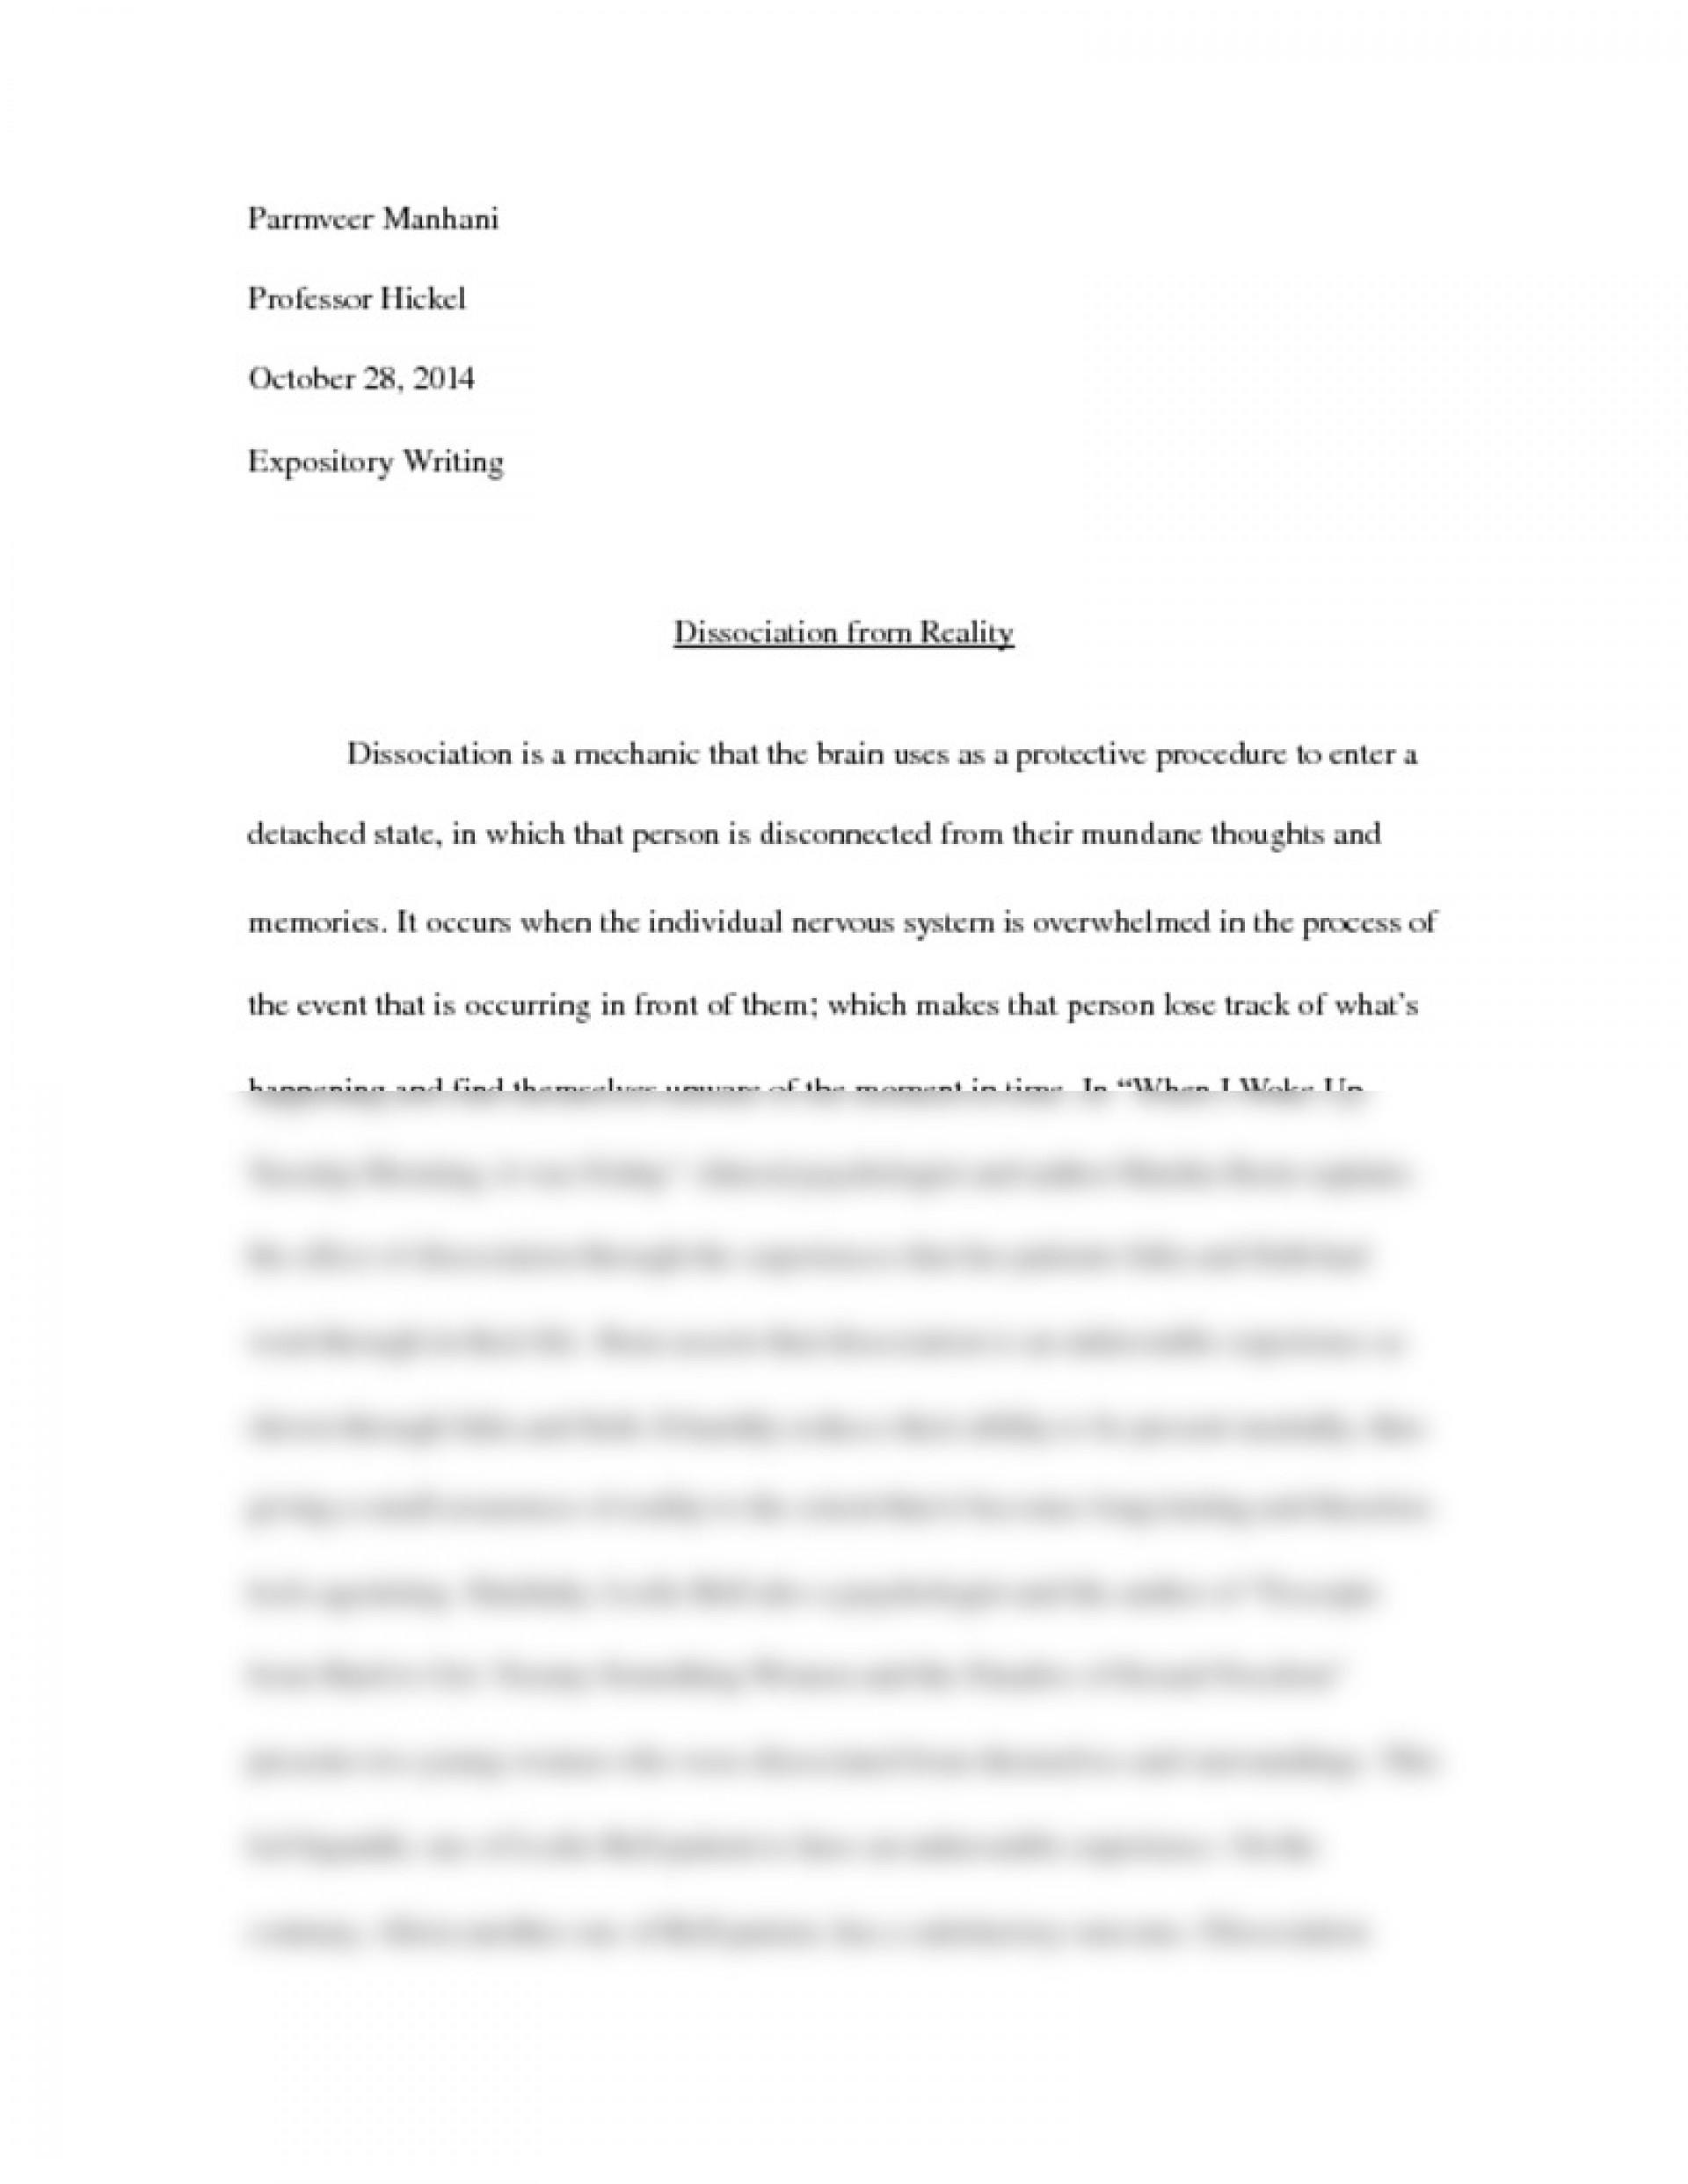 012 Essay Example Rutgers Application Fantastic Topics 1920